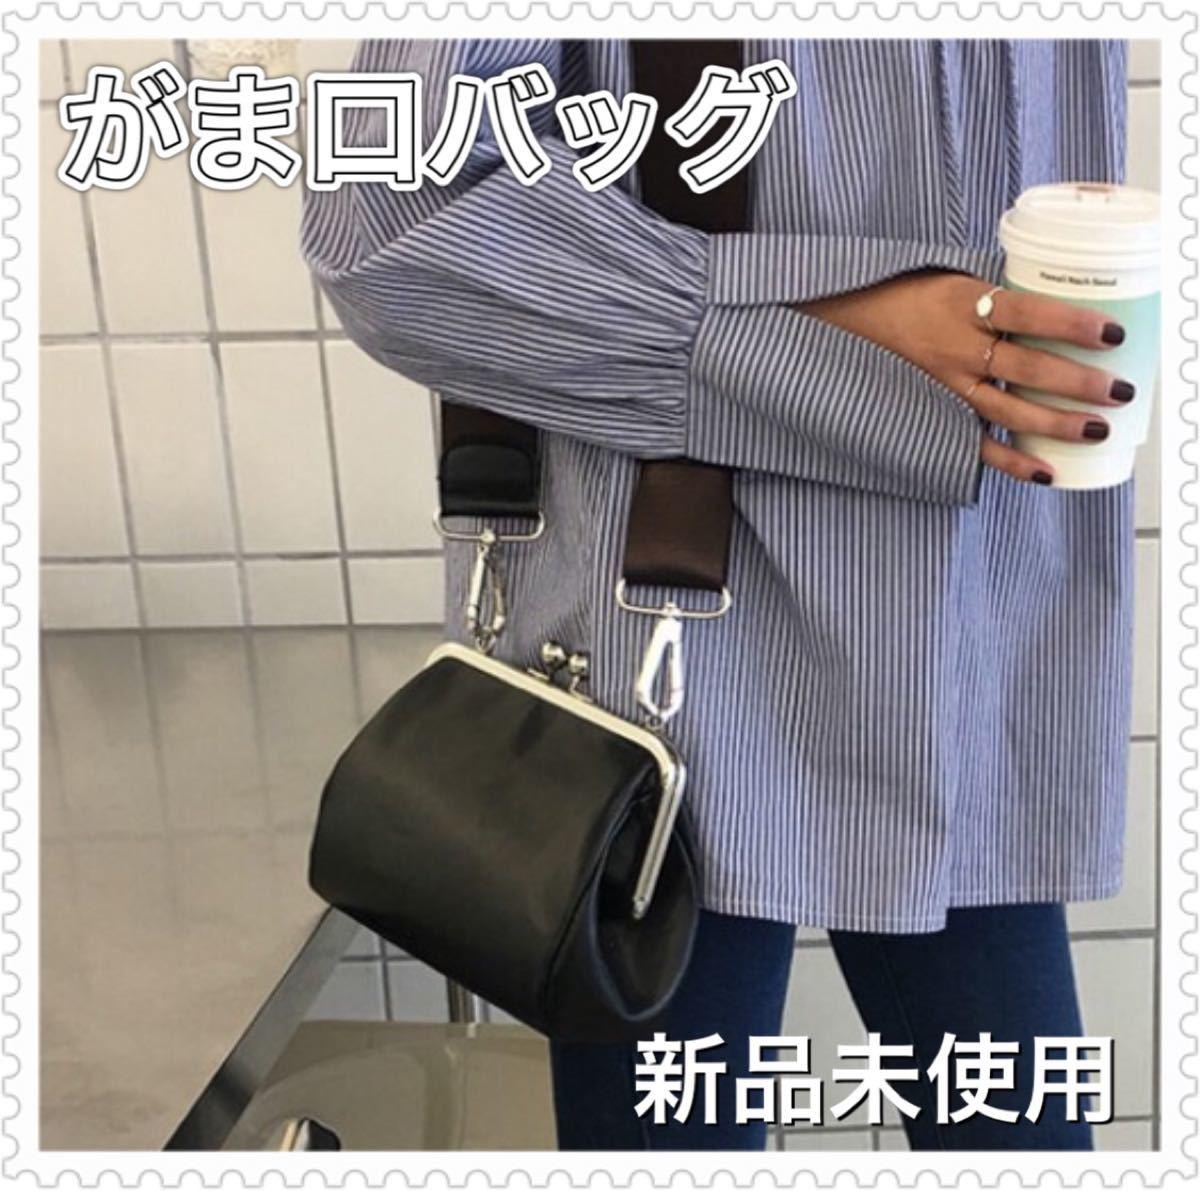 【ショルダーバッグ】ブラック 斜めがけバッグ がま口 カジュアル レトロ おしゃれ 大容量 ハンドバッグ トートバッグ